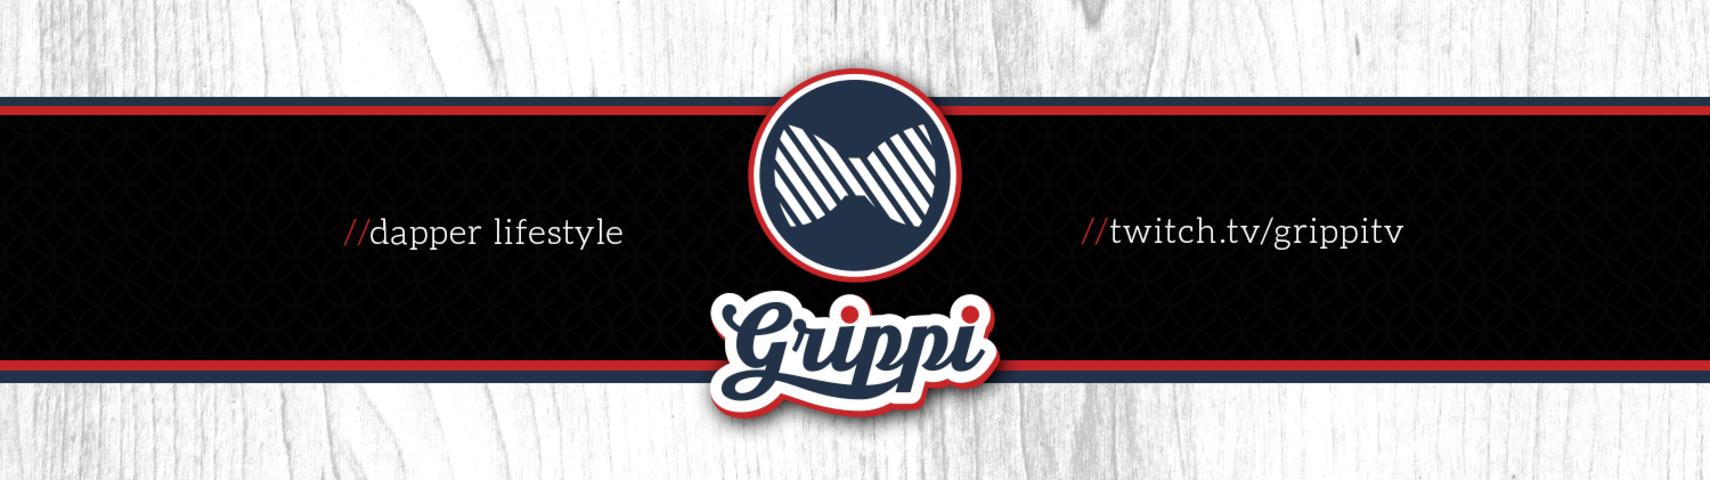 GrippiTV